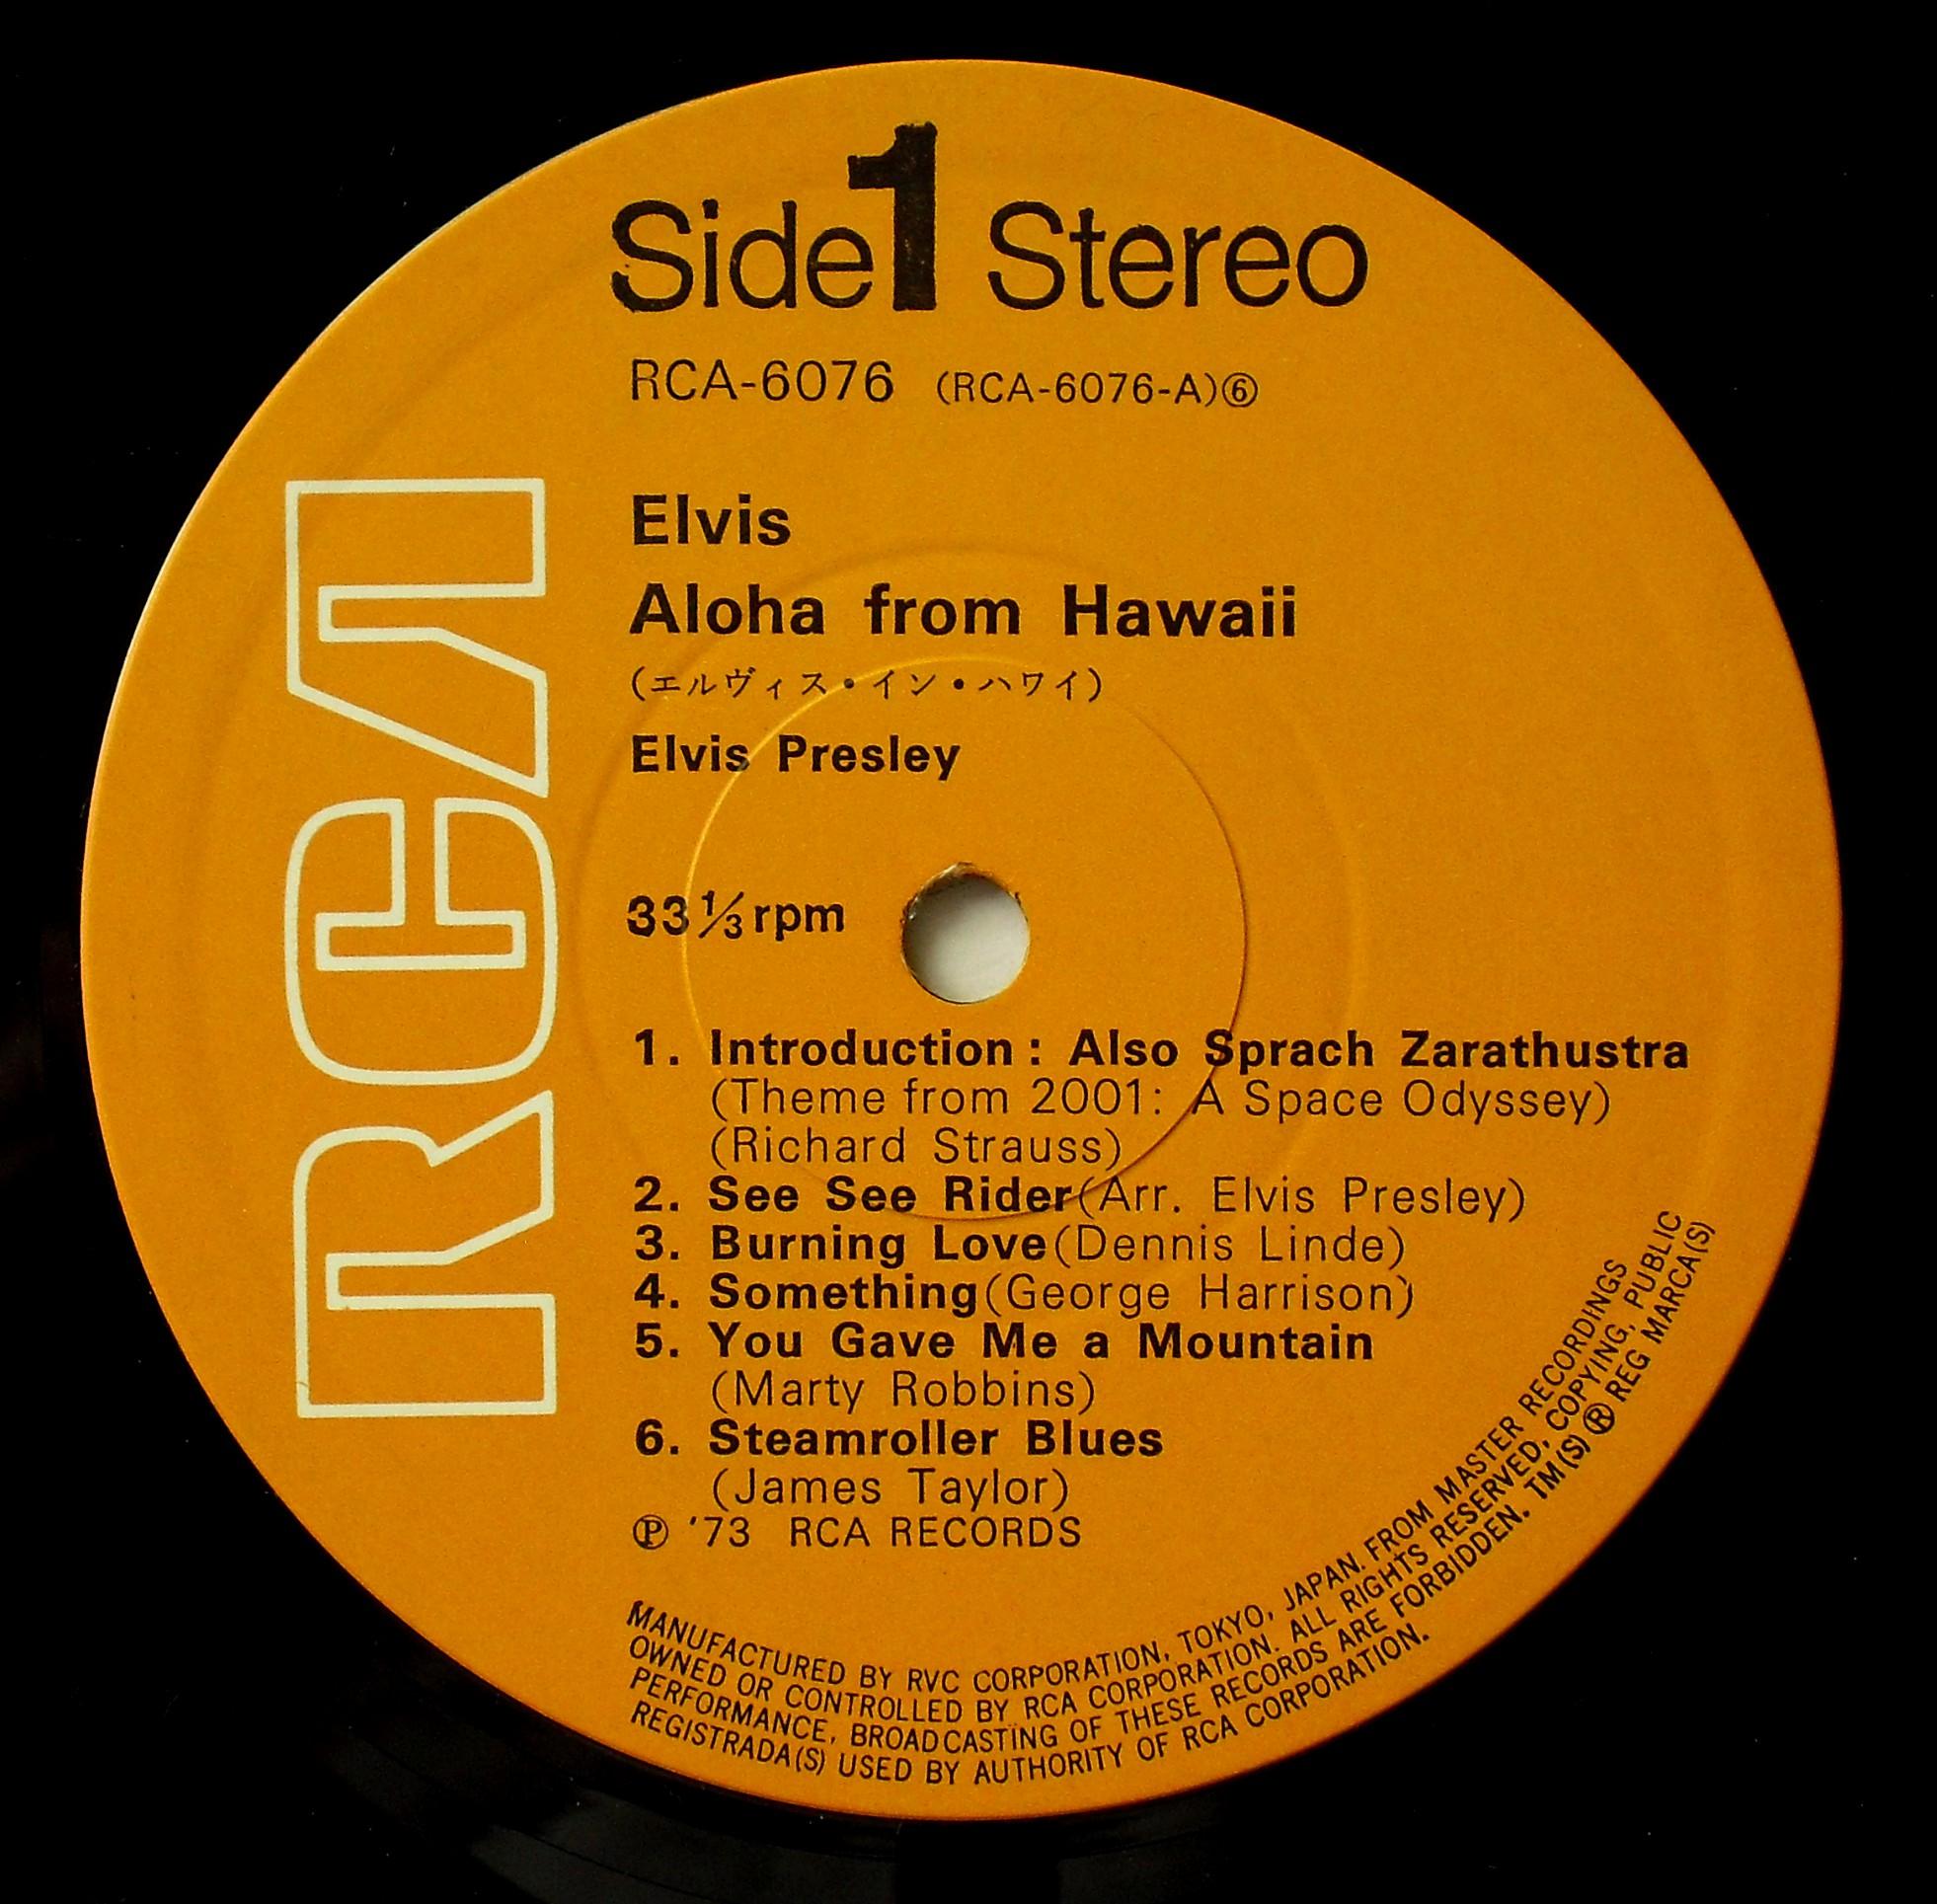 ALOHA FROM HAWAII VIA SATELLITE 11s1deyic